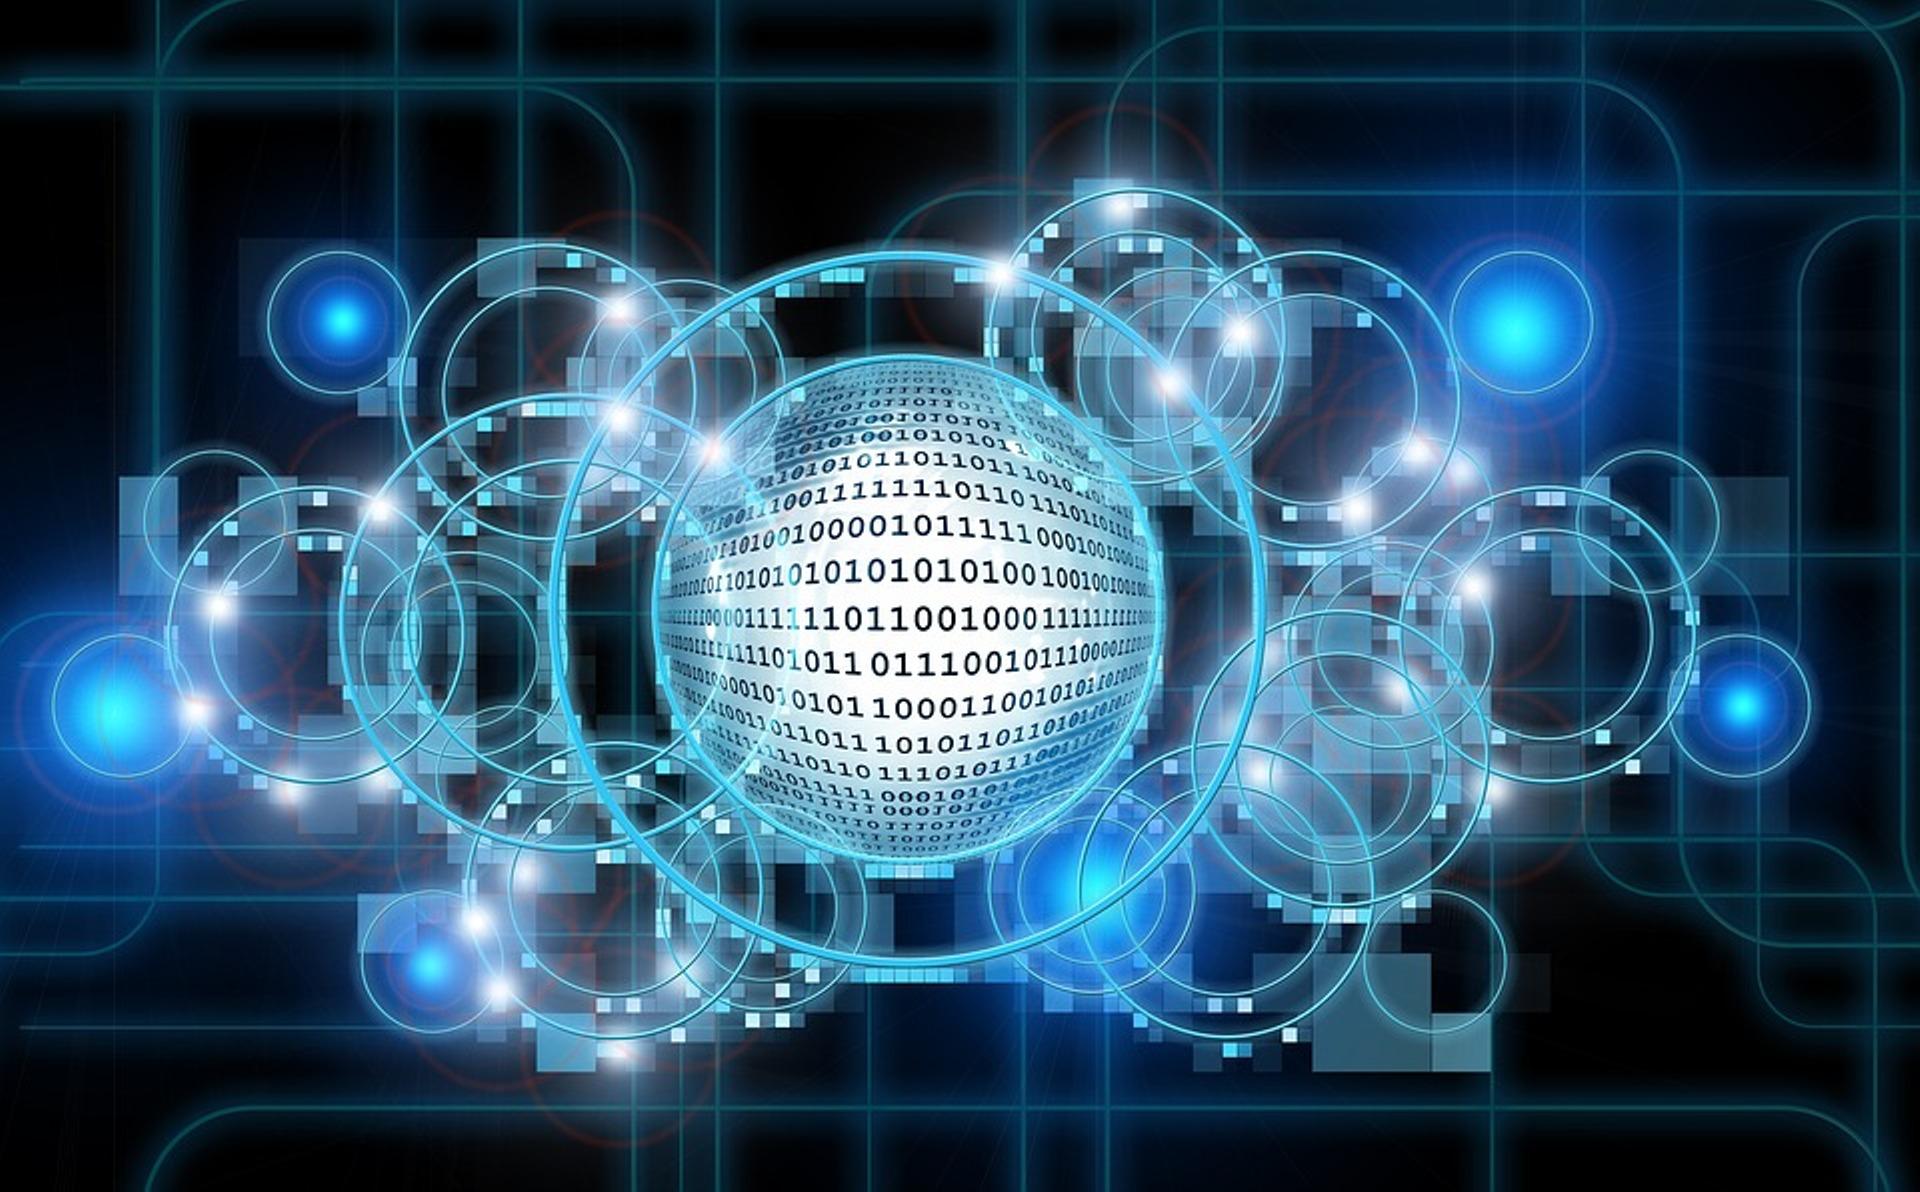 Održavanje IT sistema - ByteLite d.o.o.